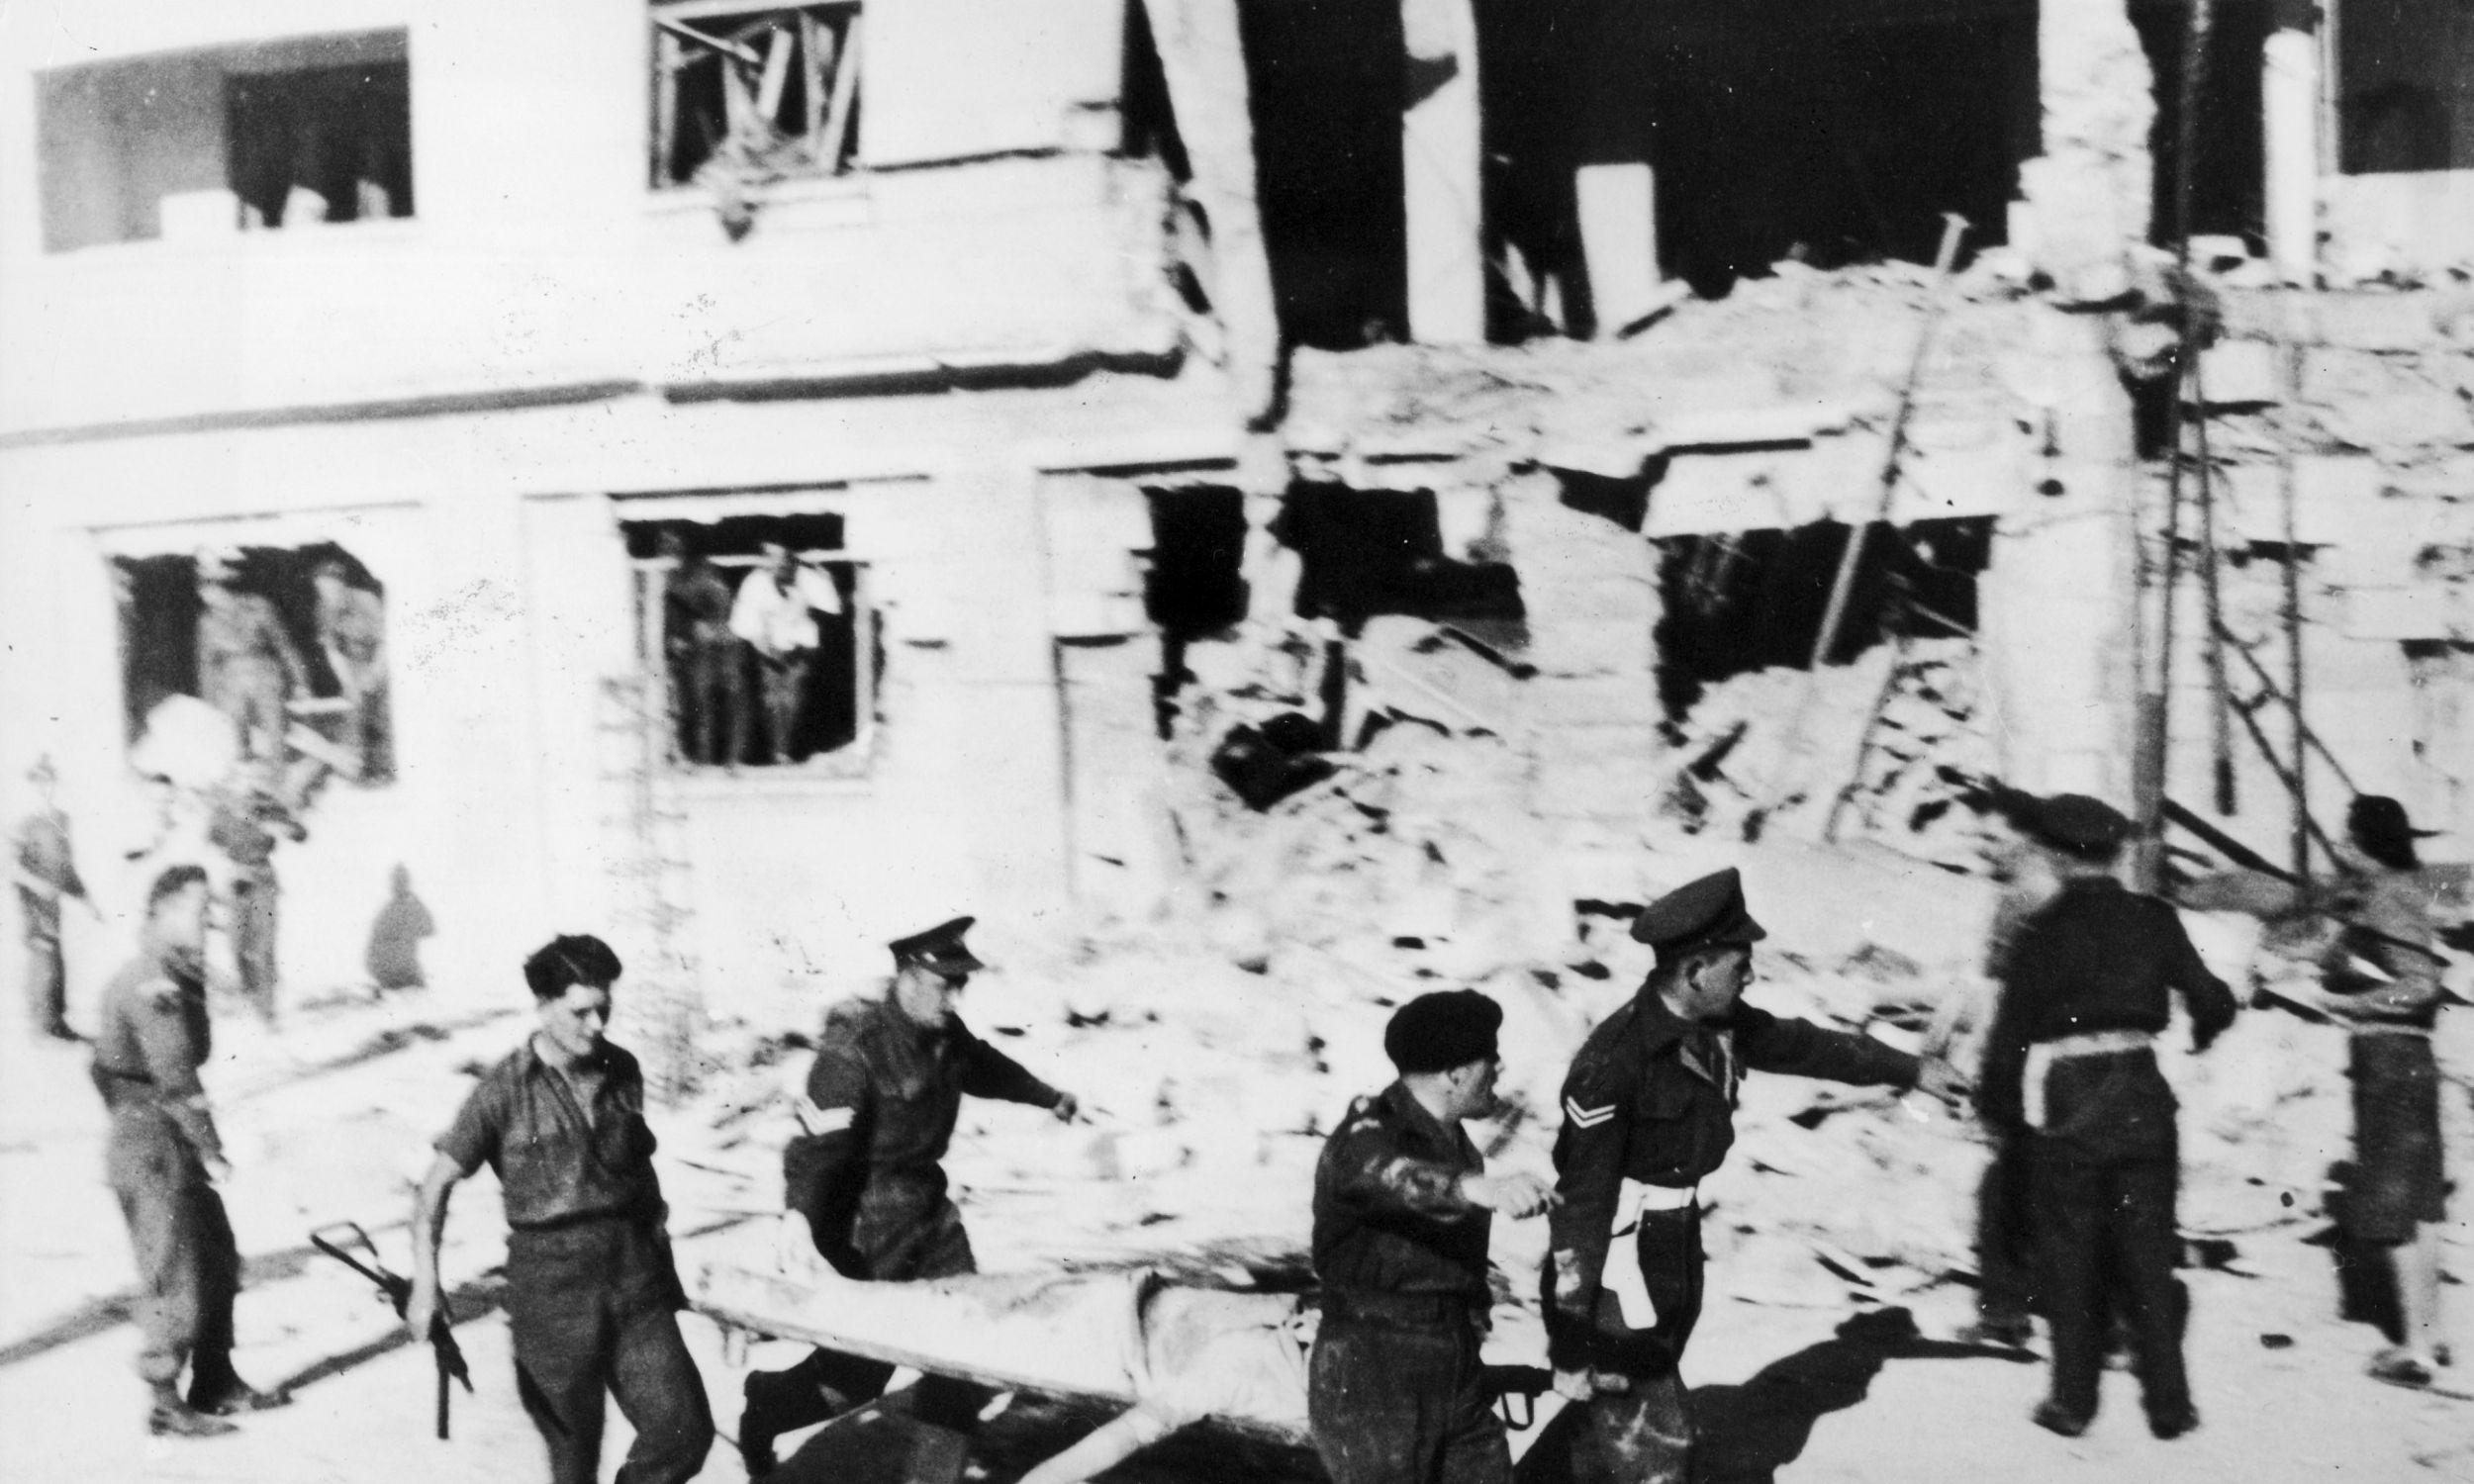 W marcu 1947 roku Irgun wysadził w powietrze klub oficerski Goldsmith w Jerozolimie zabijając 13 osób i raniąc kolejne 18. Fot. Keystone / Hulton Archive / Getty Images